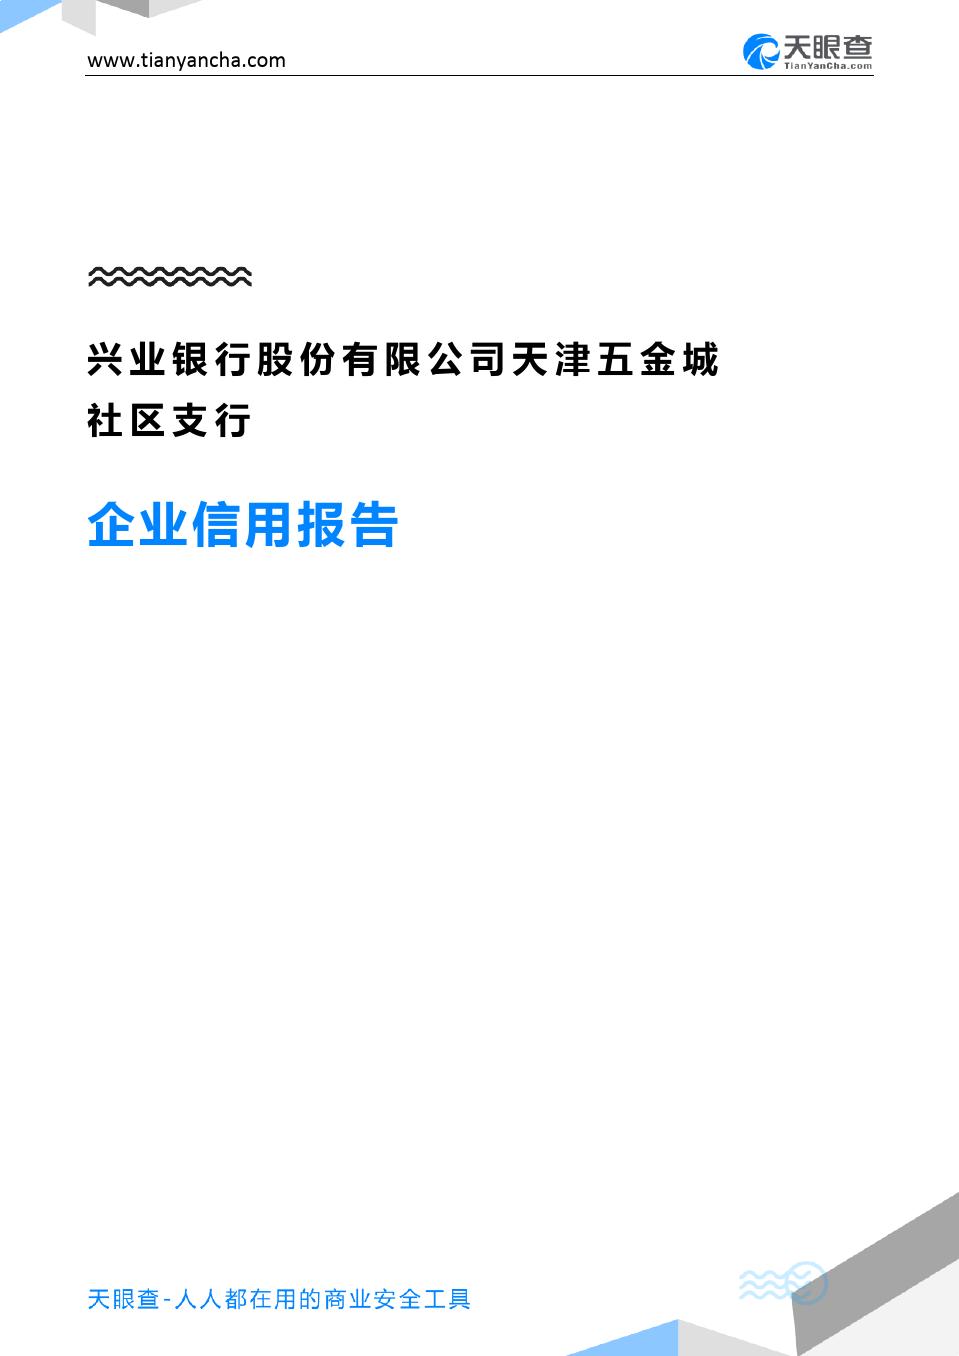 兴业银行股份有限公司天津五金城社区支行企业信用报告-天眼查